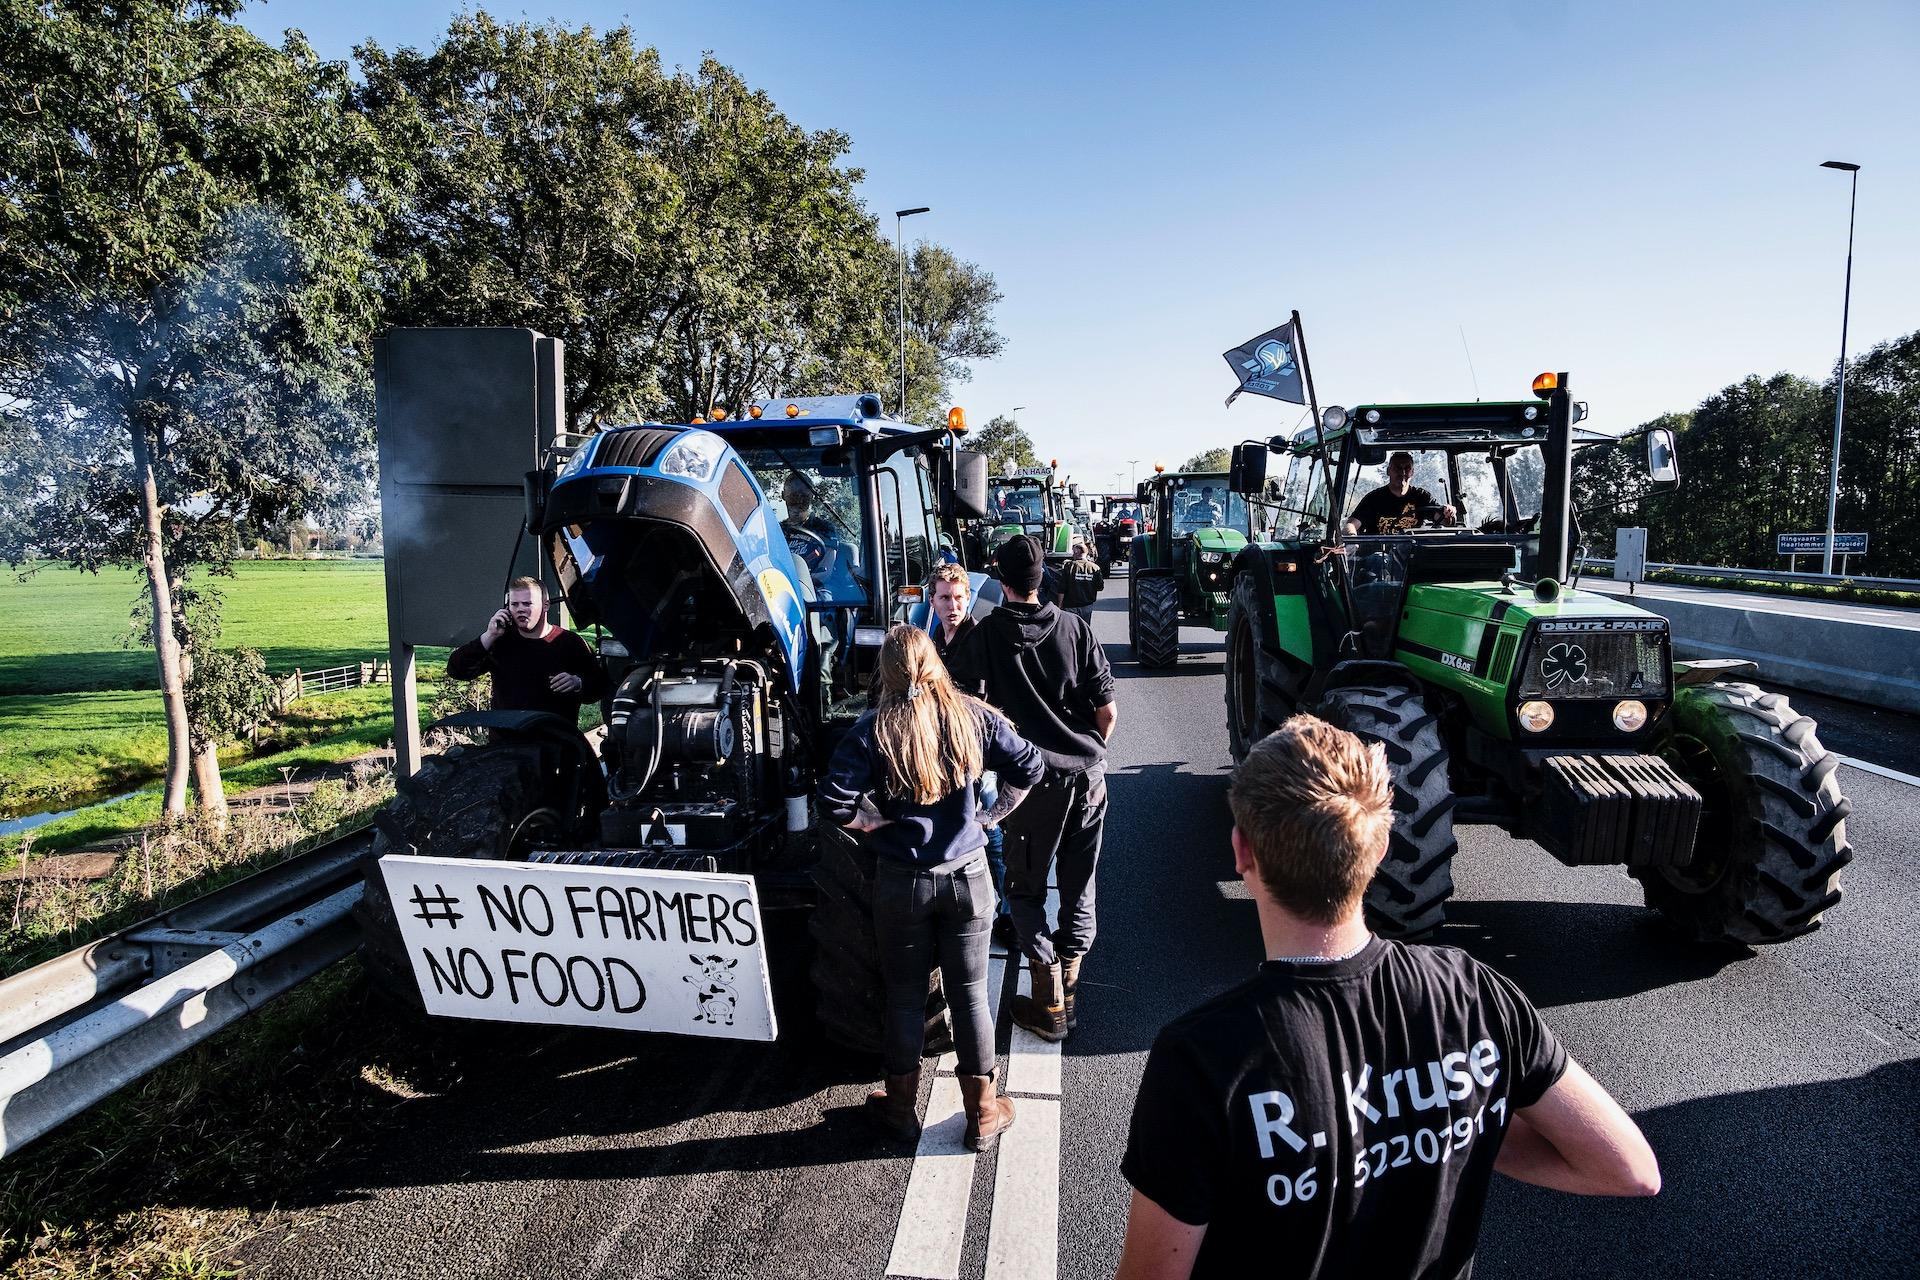 Boeren vanuit het hele land houden een Boerenprotest op het malieveld in Den Haag. De boeren eisen een opschorting van de beleidsregels rond stikstof.